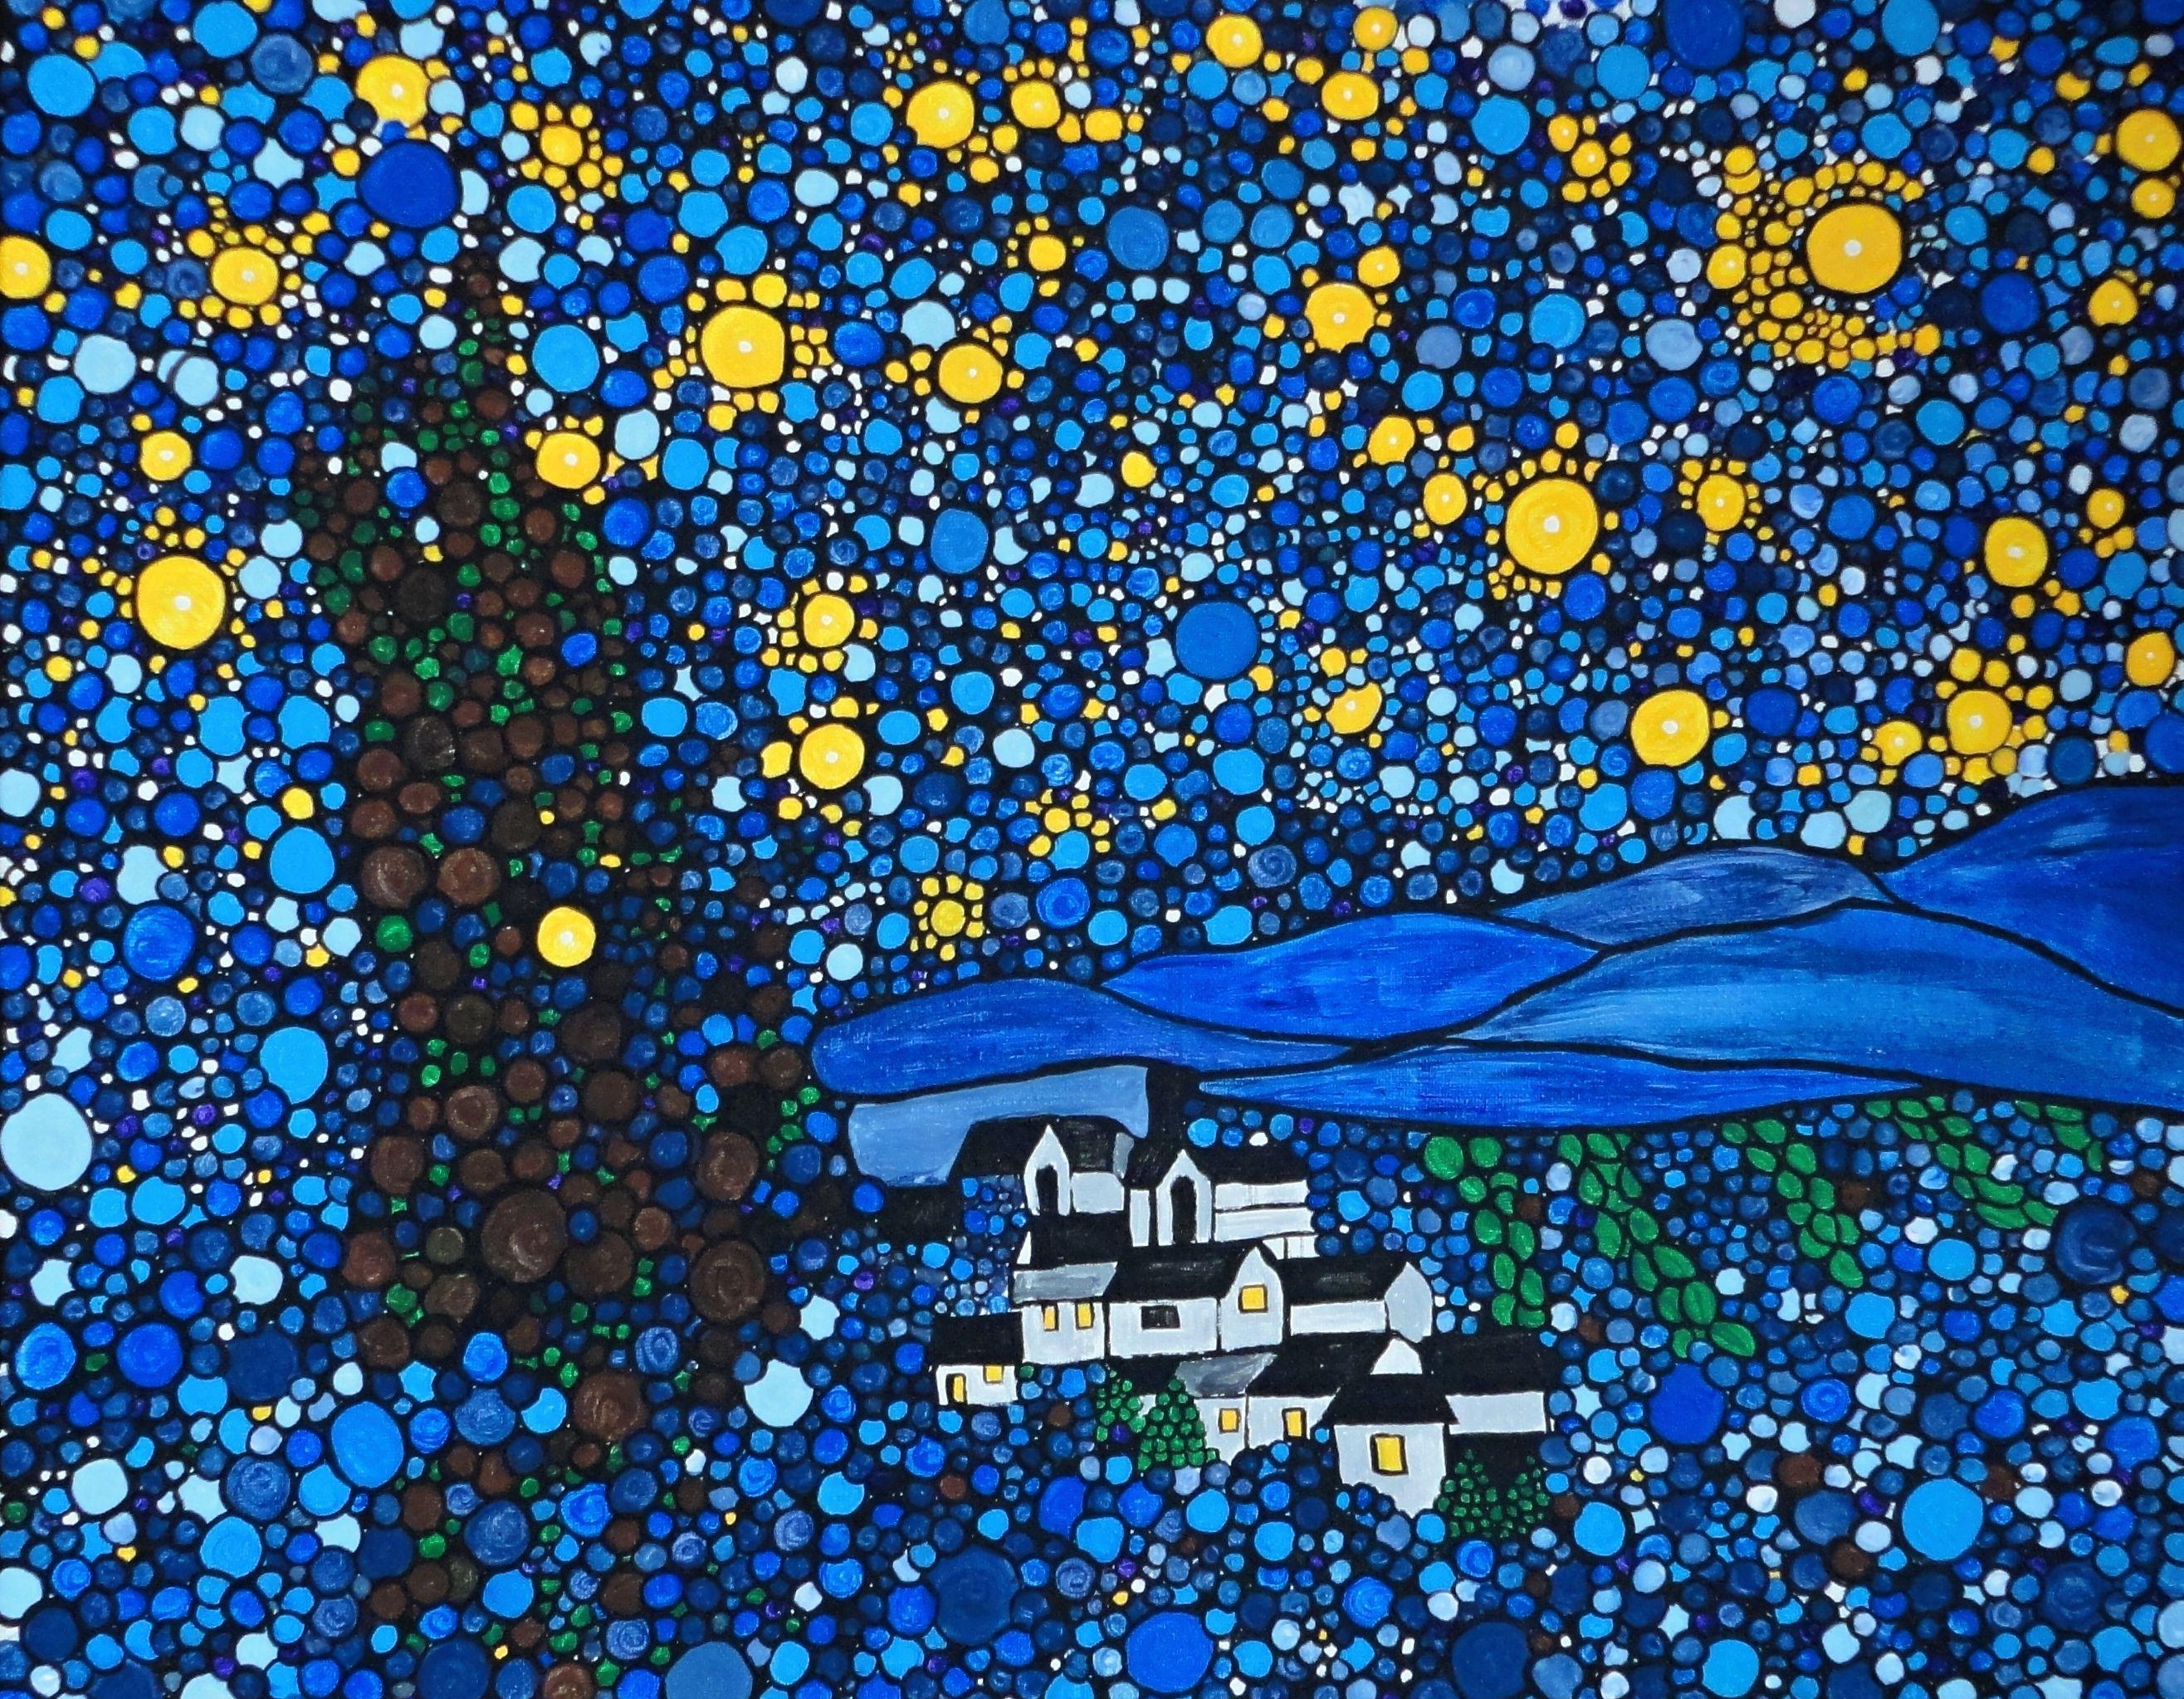 Vincent Van Gogh iPhone Wallpapers - Top Free Vincent Van